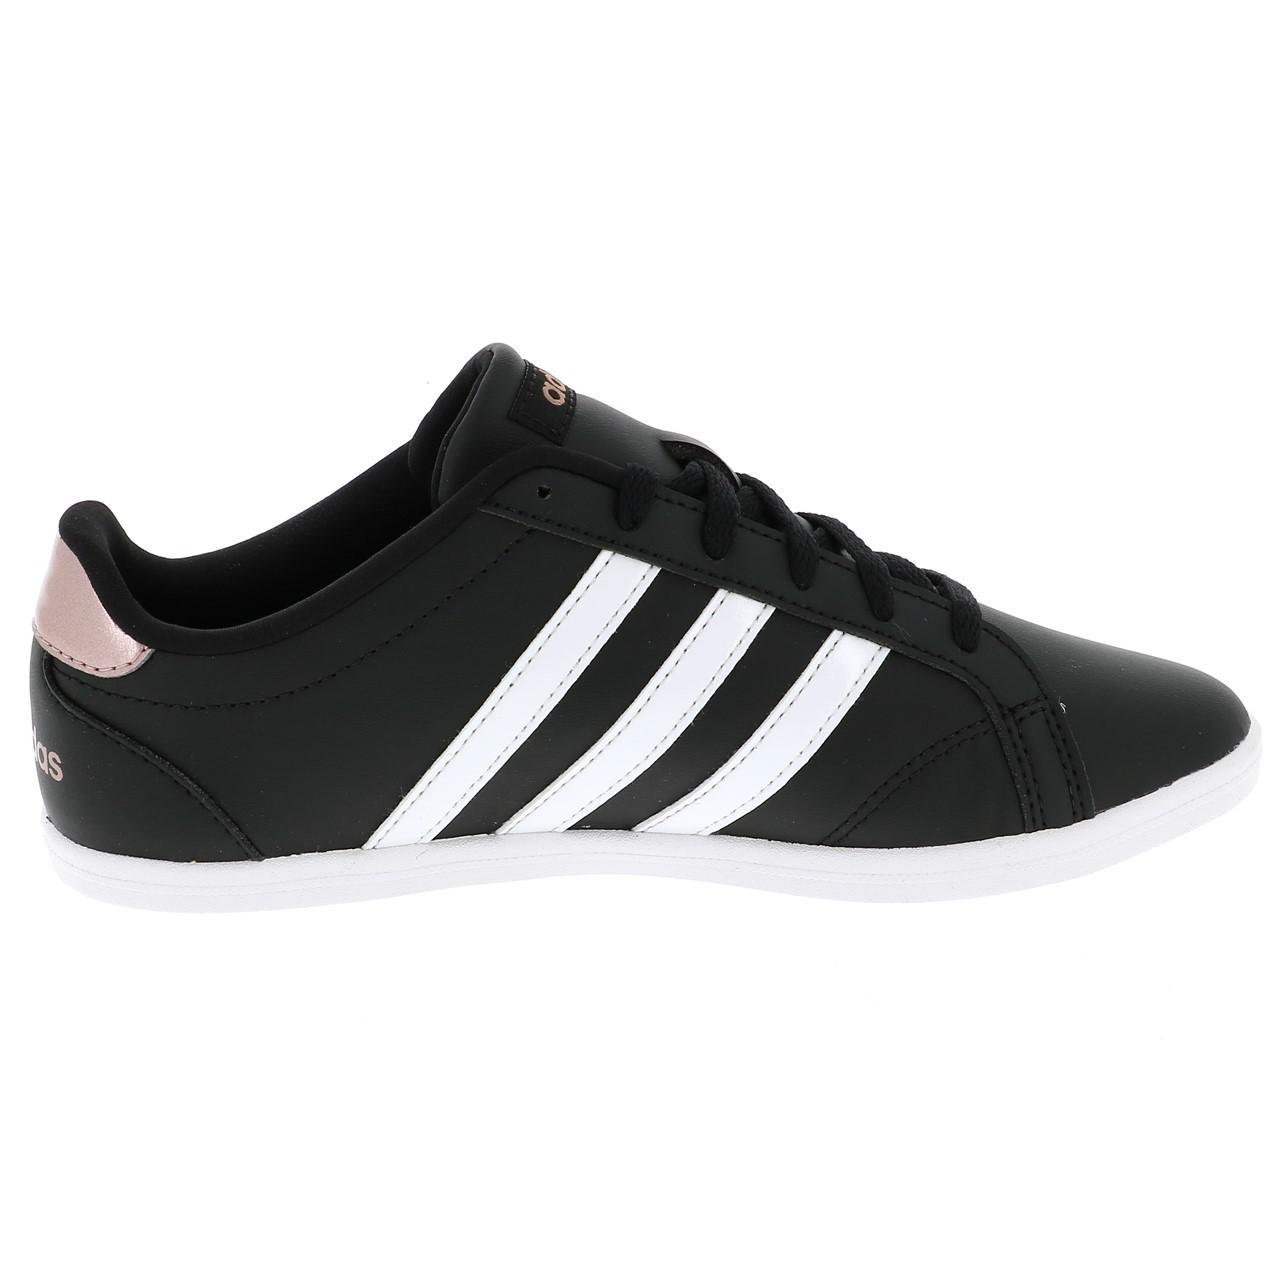 Détails sur Chaussures mode ville Adidas Coneo noir w Noir 48215 Neuf